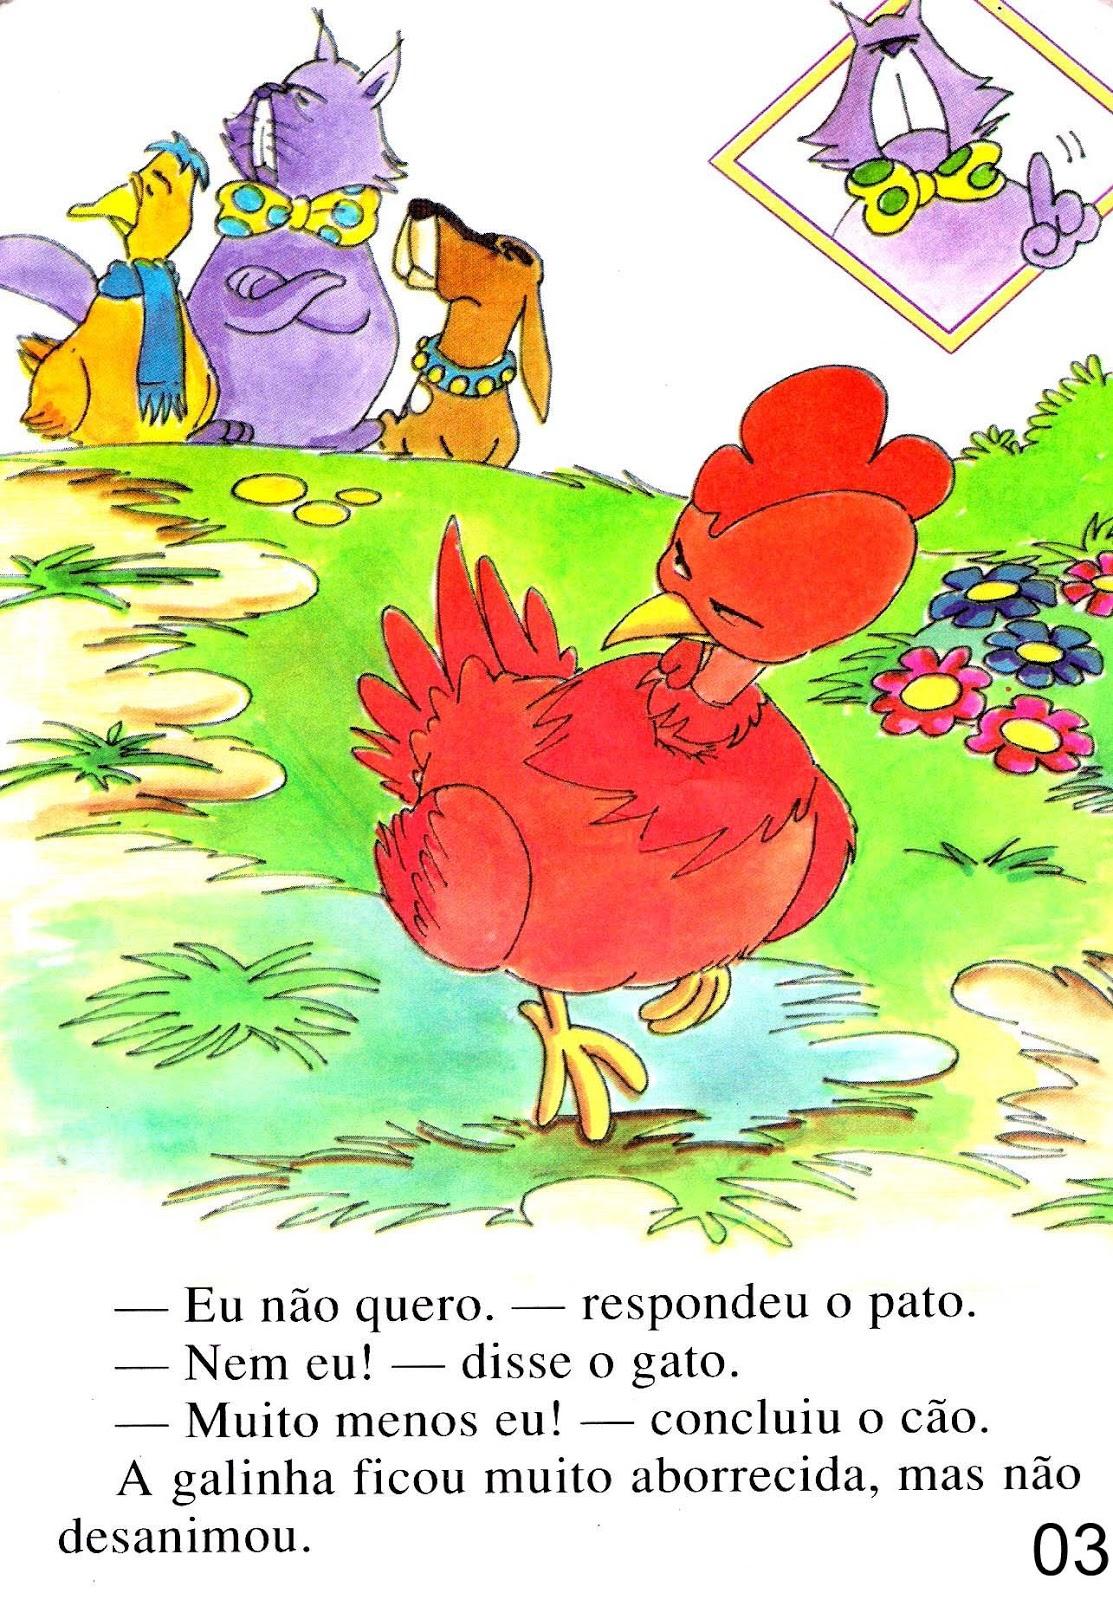 Educação.com - Professores online.: Livro: A galinha ruiva